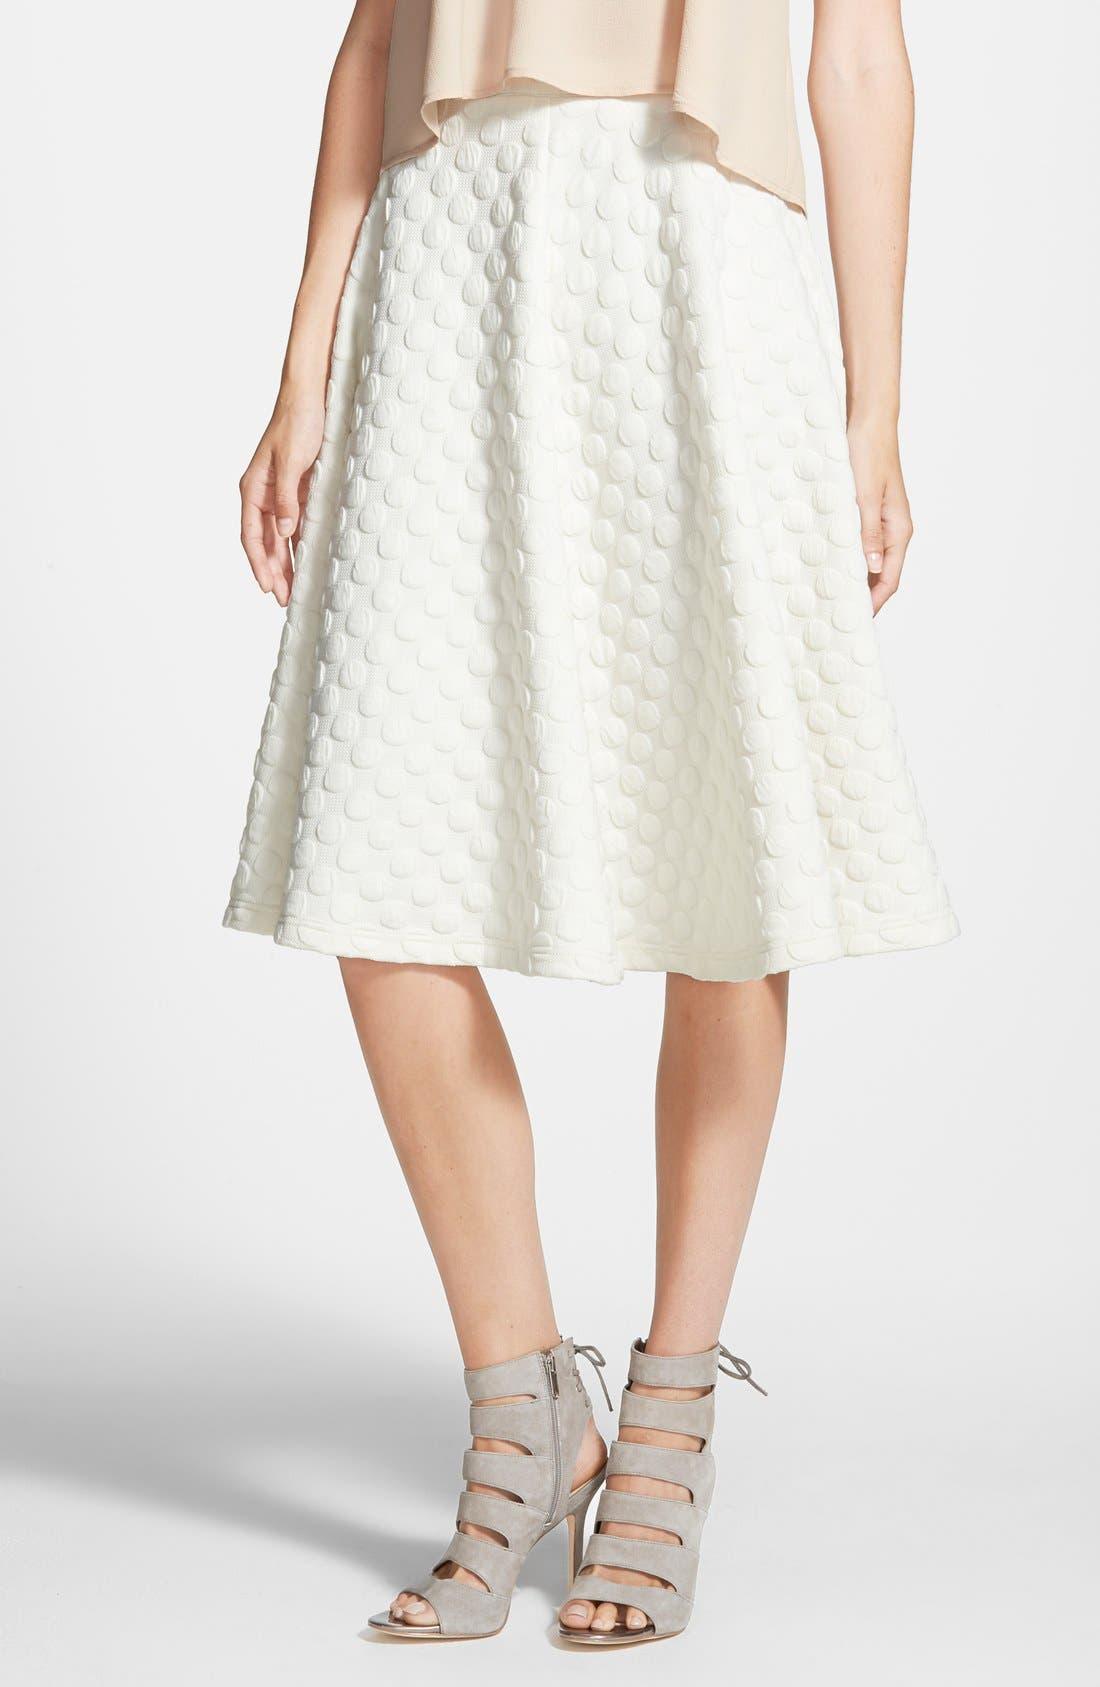 Alternate Image 1 Selected - JOA Polka Dot Midi Skirt